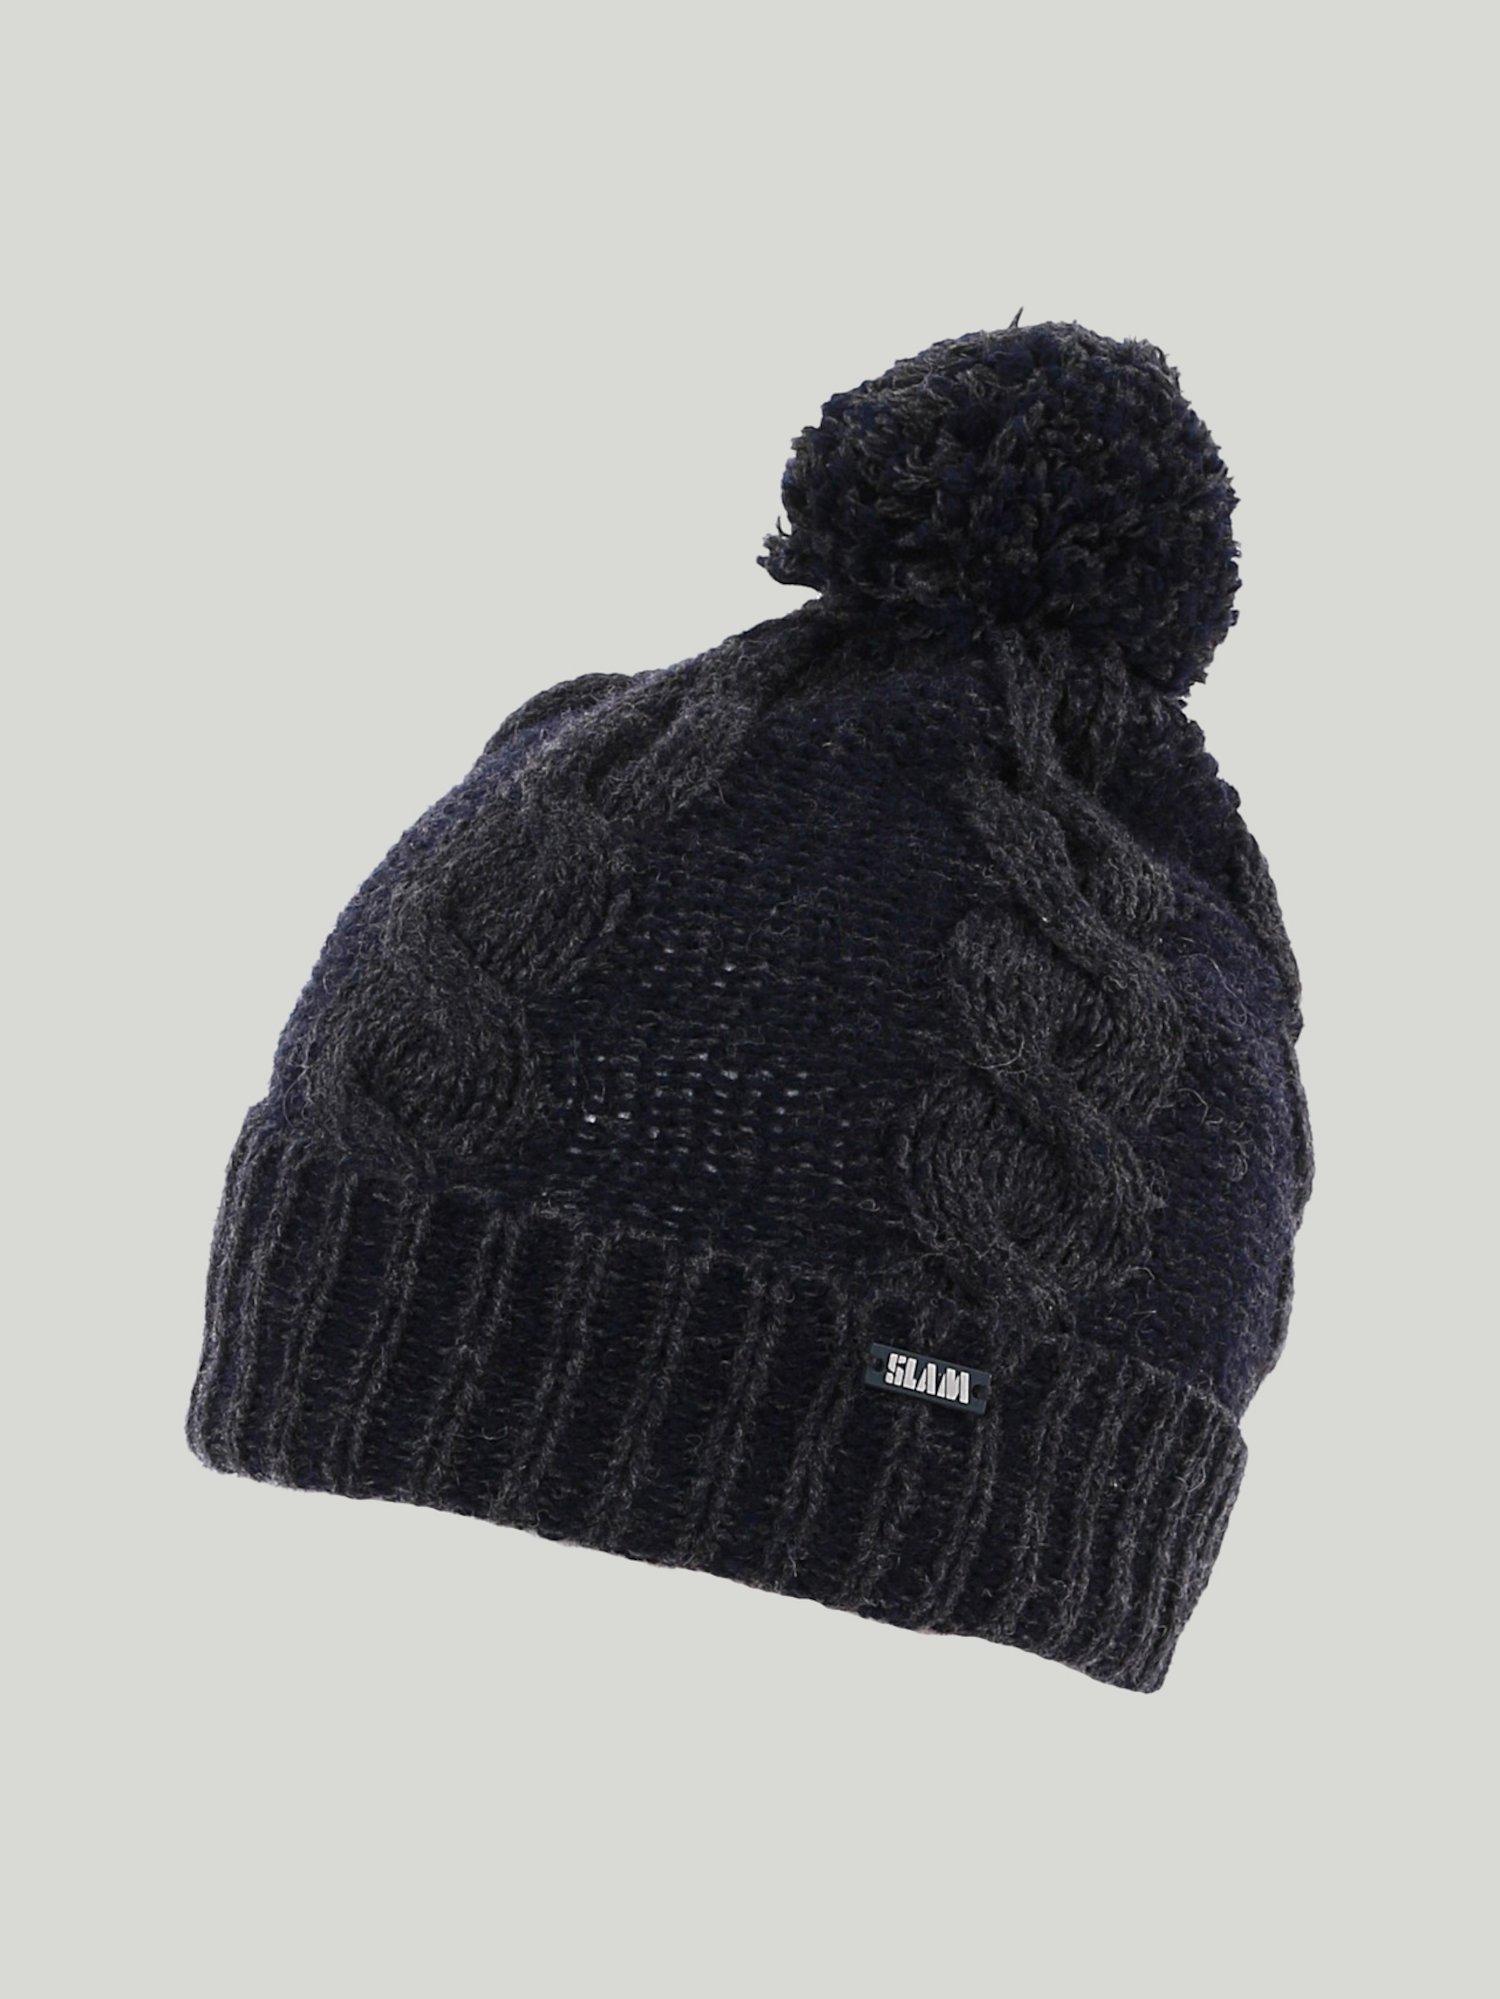 Teardrop hat - Ocean Blue